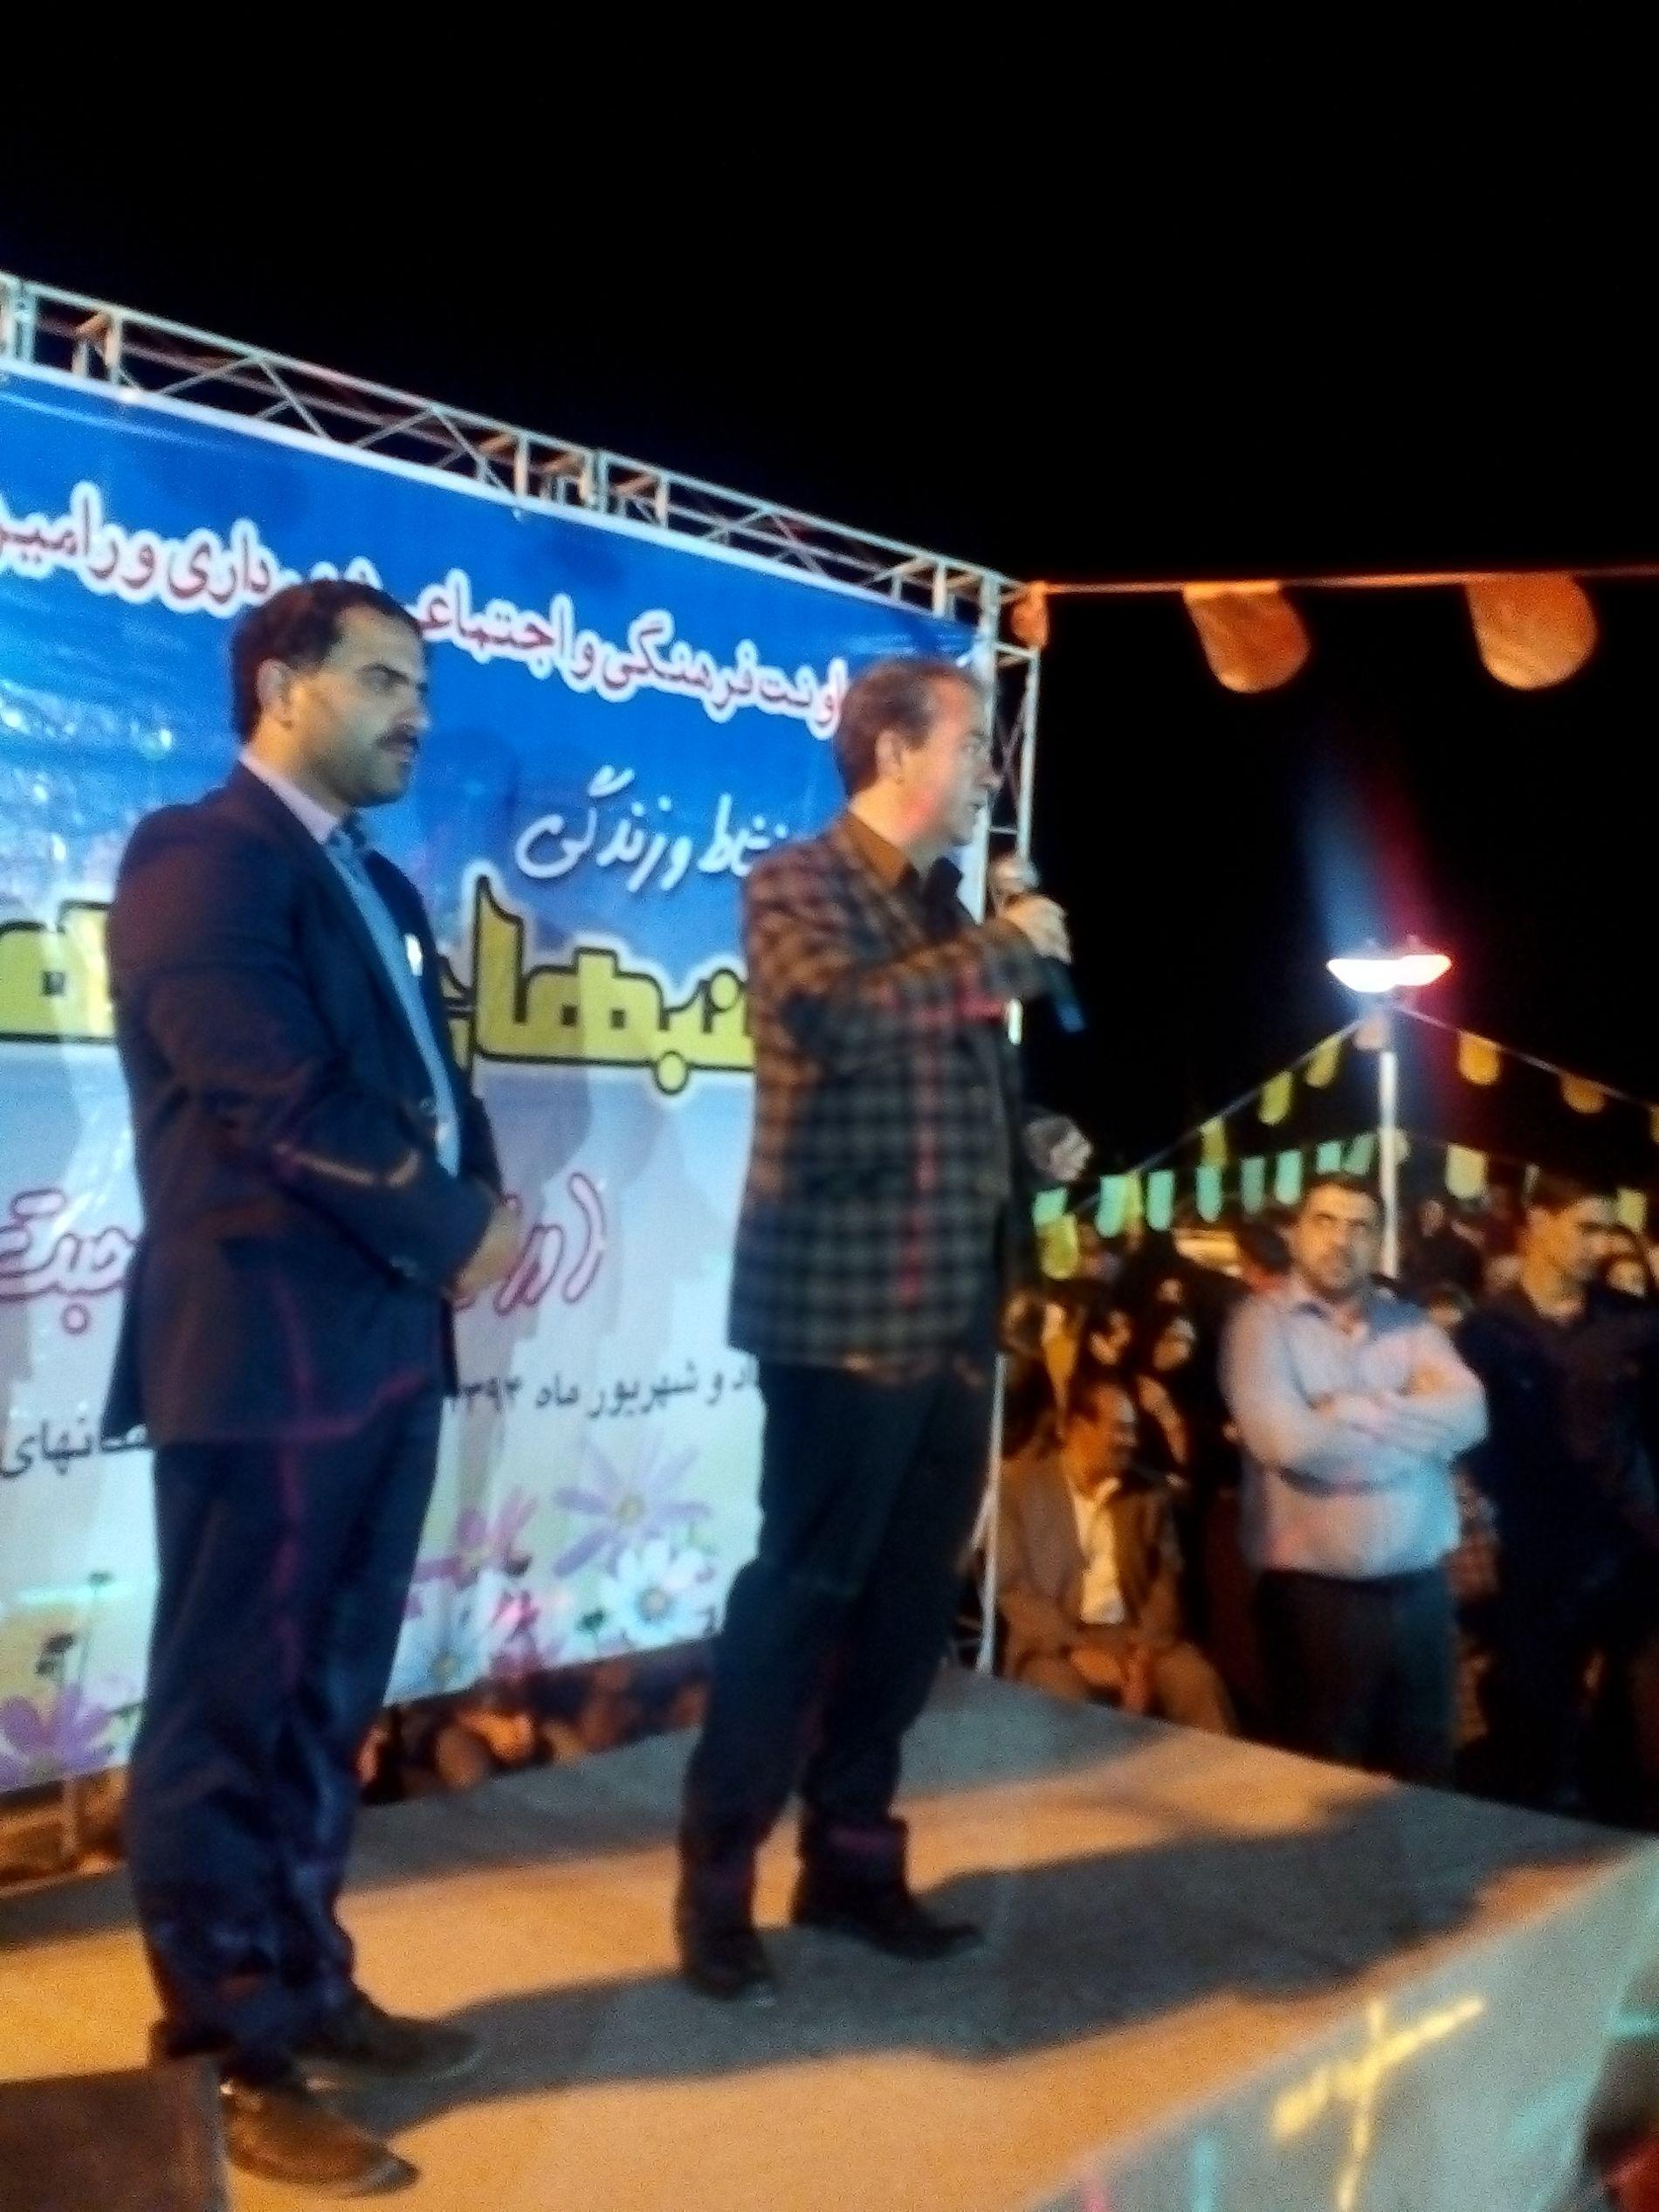 استقبال پرشور شهروندان از برنامه شبهای مهتابی شهرداری ورامین